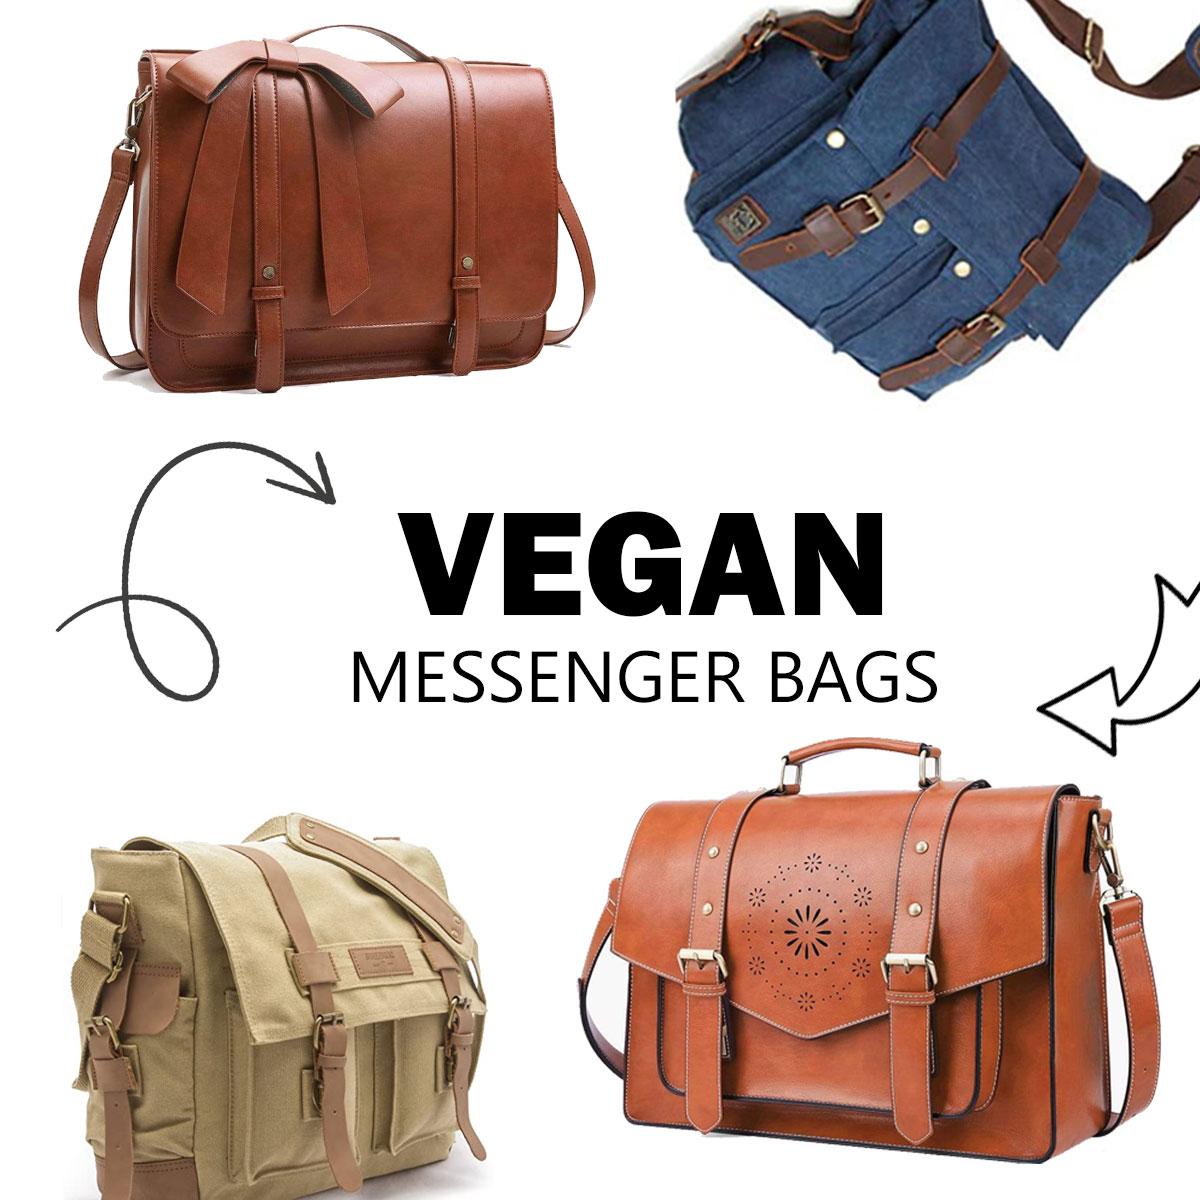 Vegan messenger bags in different colors